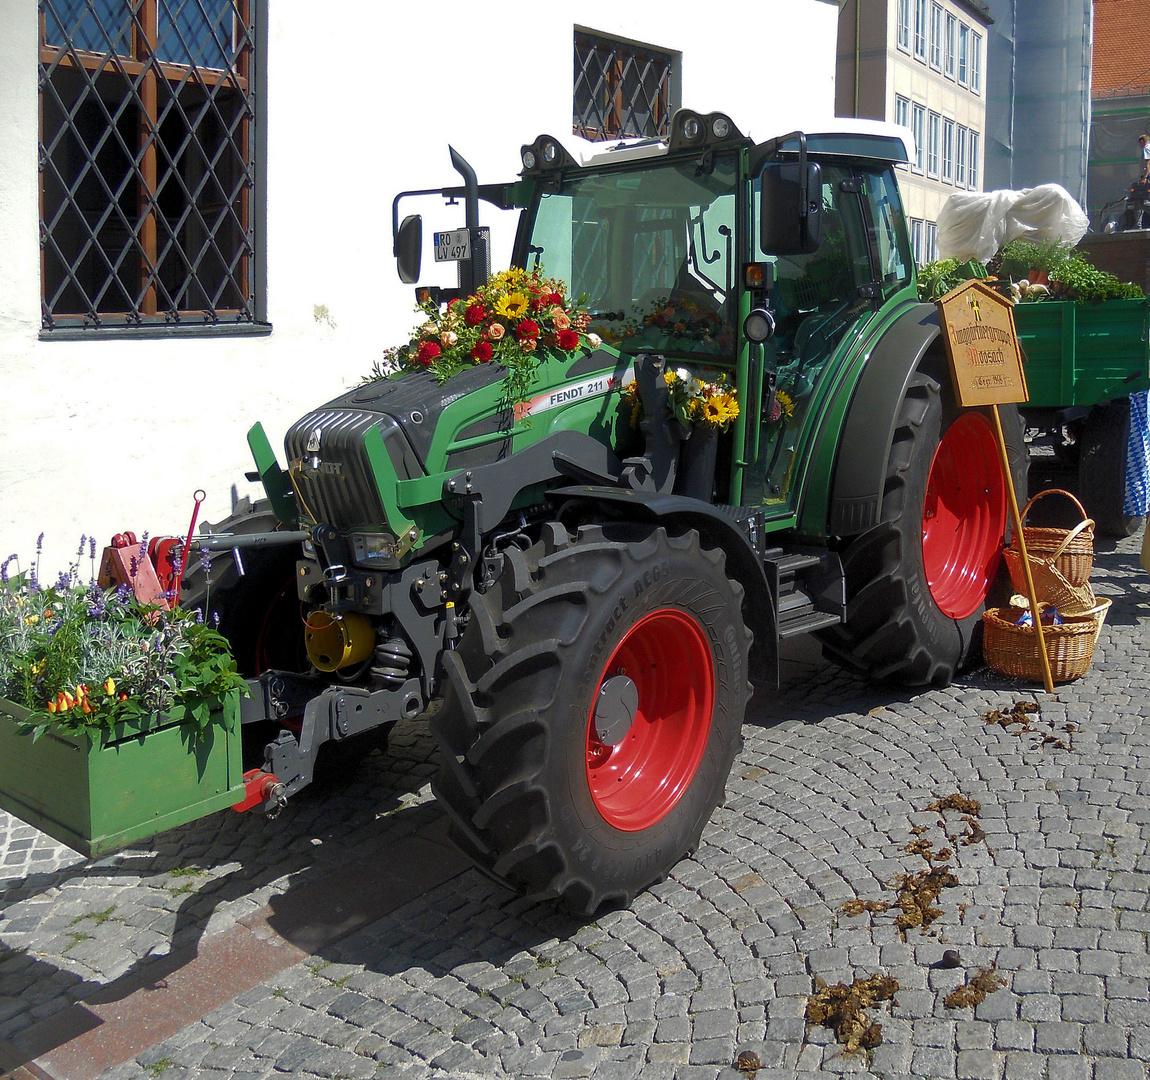 moderner Fendt traktor mit 'ölspur' eines vorgängermodelles